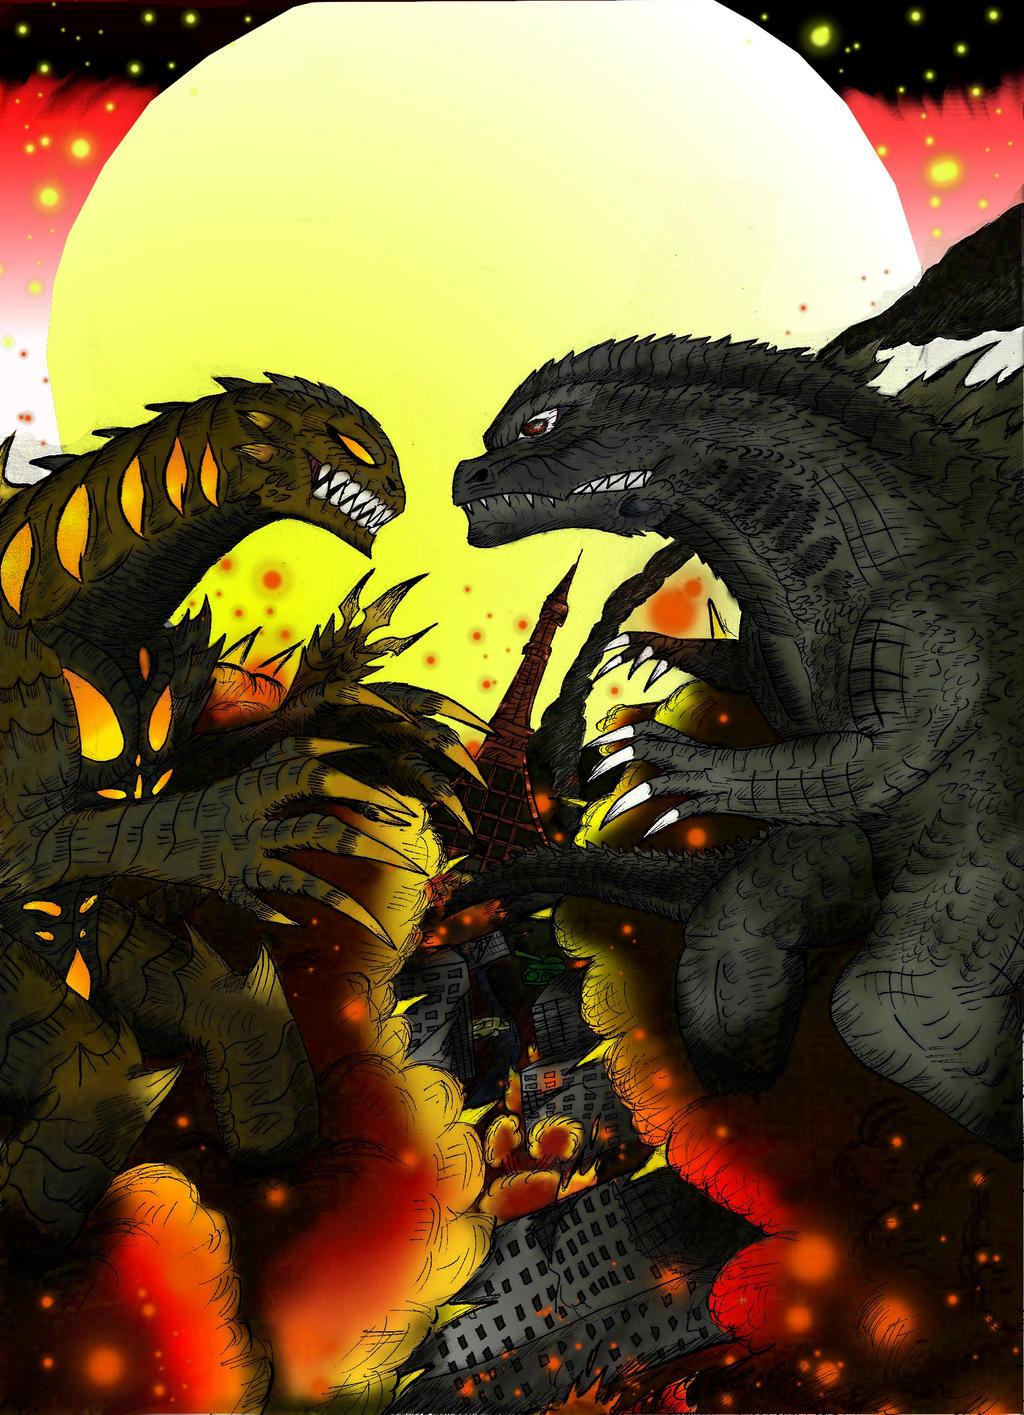 Godzilla vs Nemesis Alt cover by SaintNick14